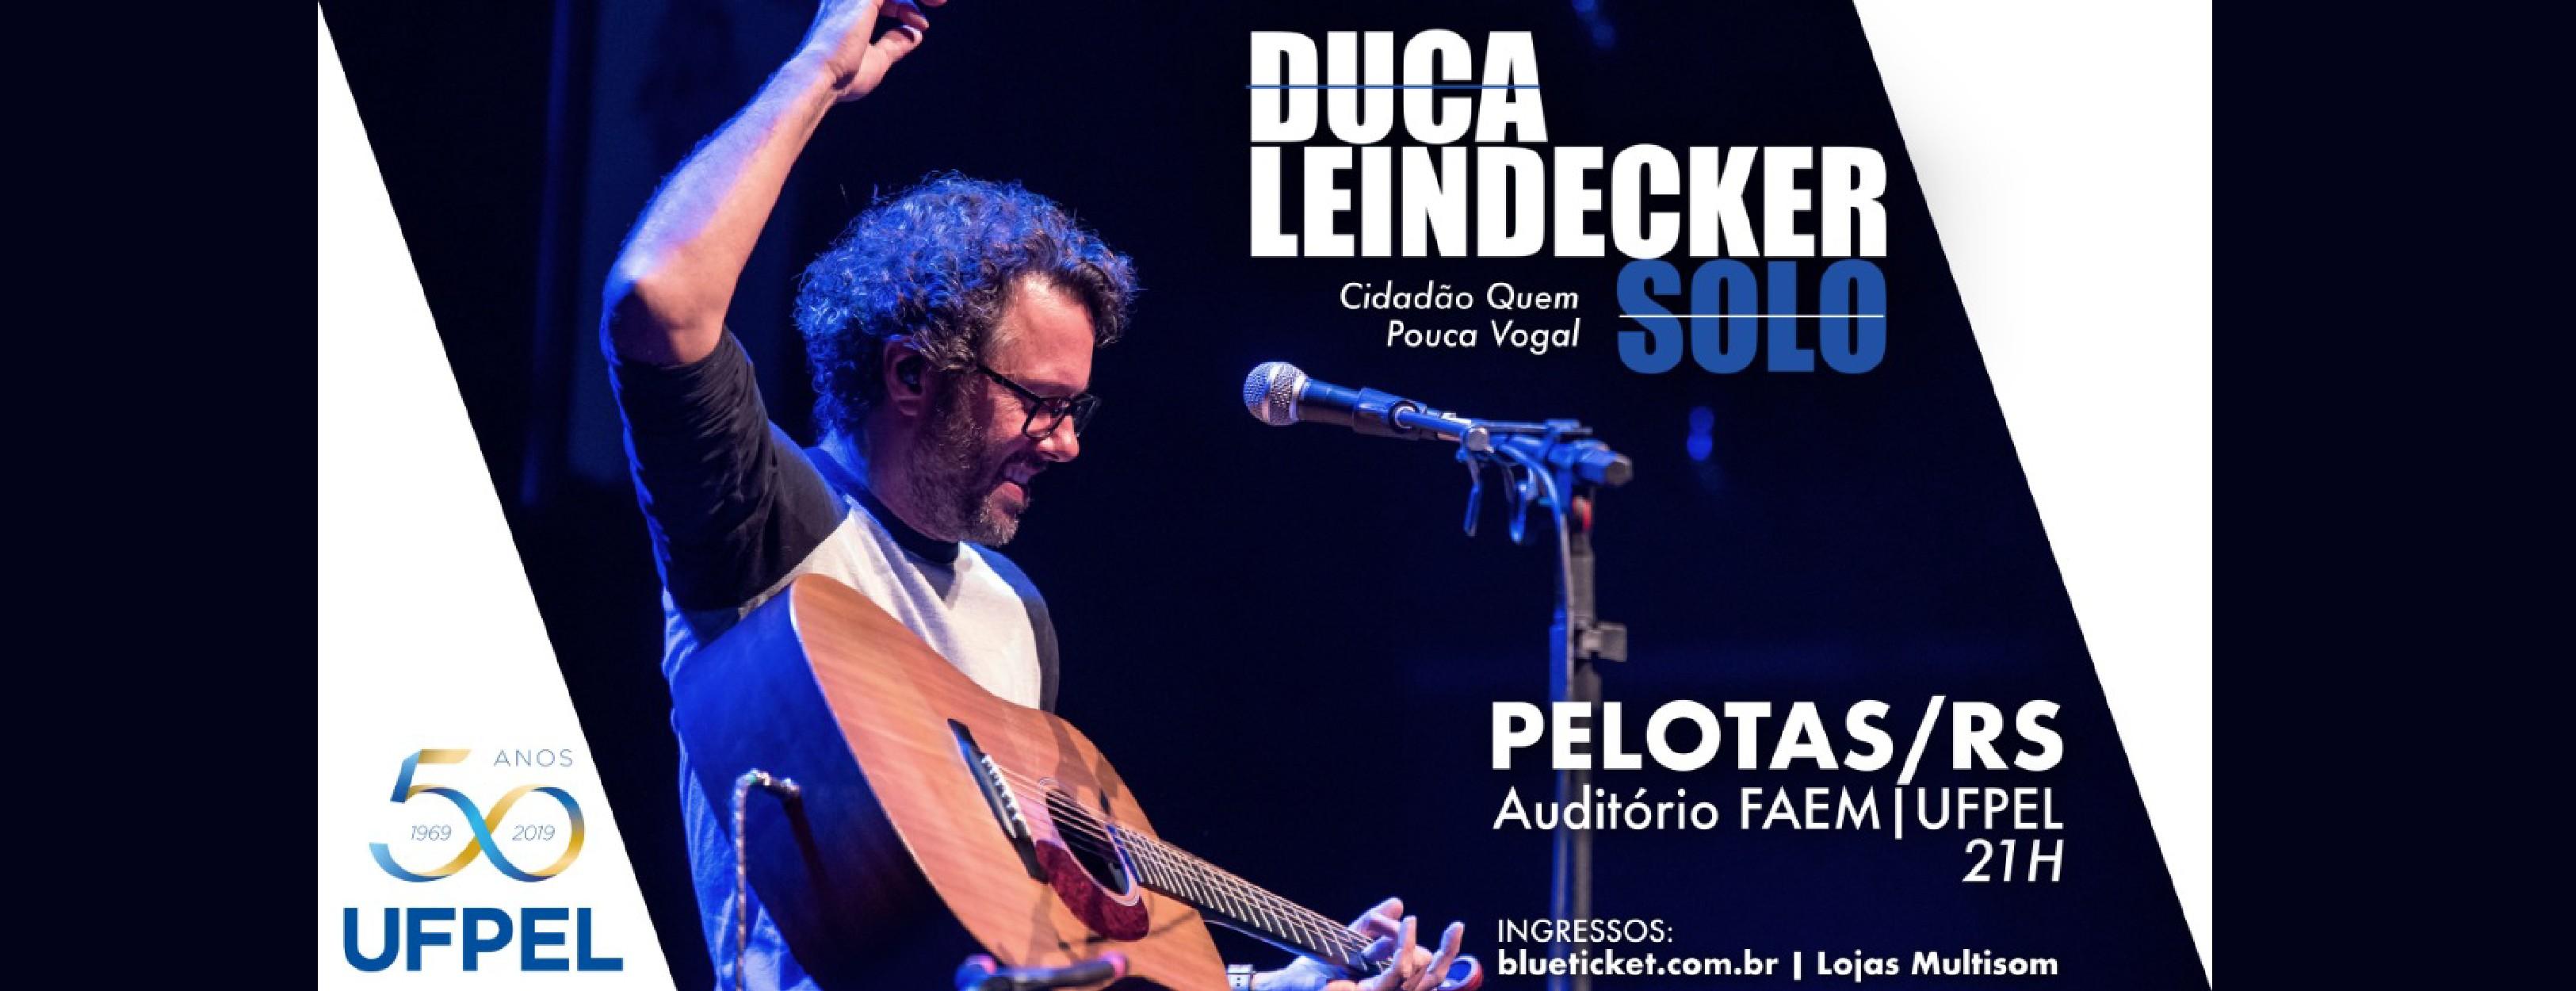 Slider Duca L Prancheta 1